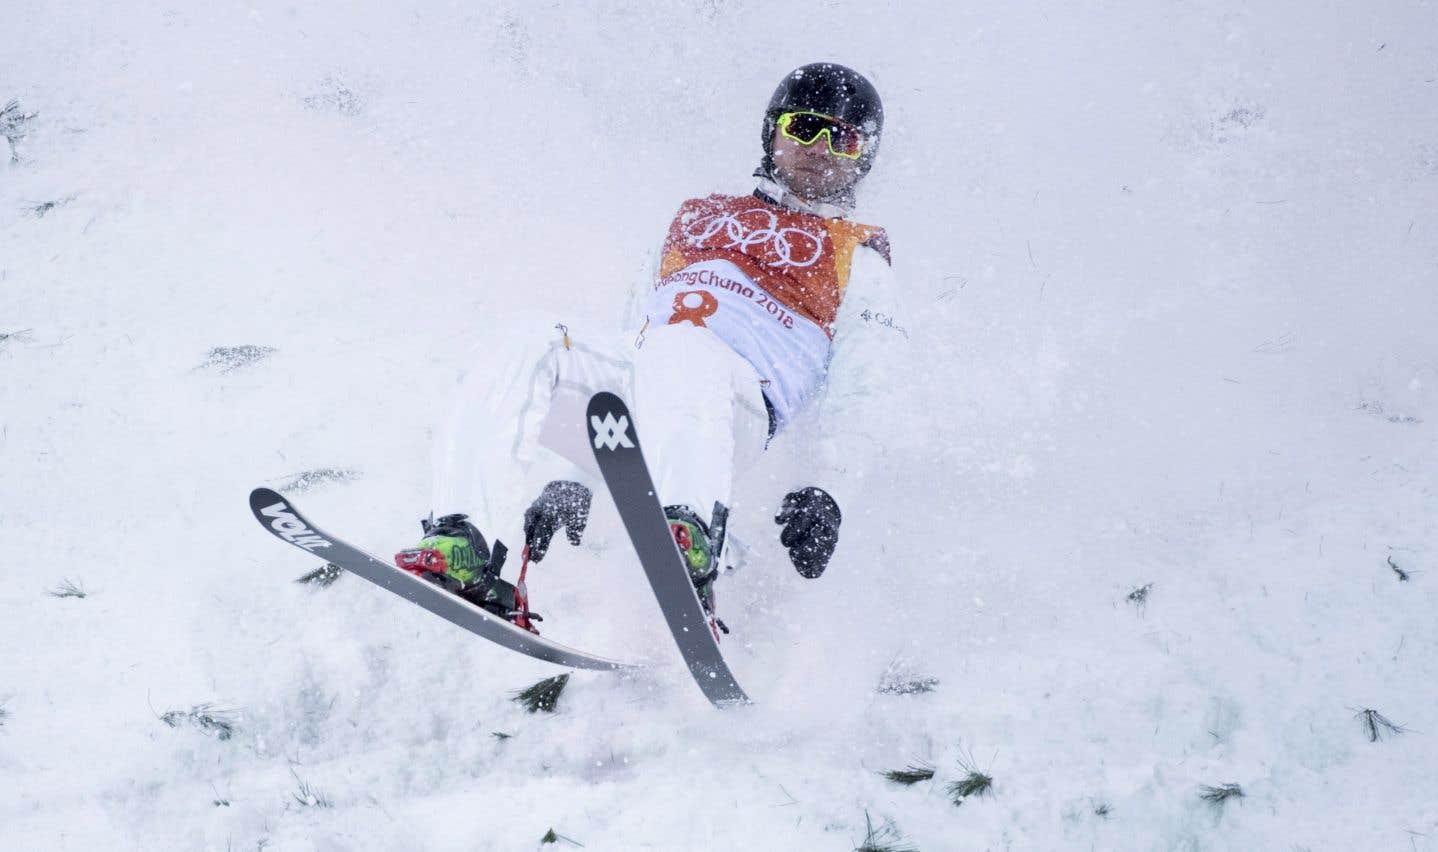 Olivier Rochon a failli réussir son pari avec un saut audacieux, mais il a raté son atterrissage pour ainsi perdre tout espoir de médaille.